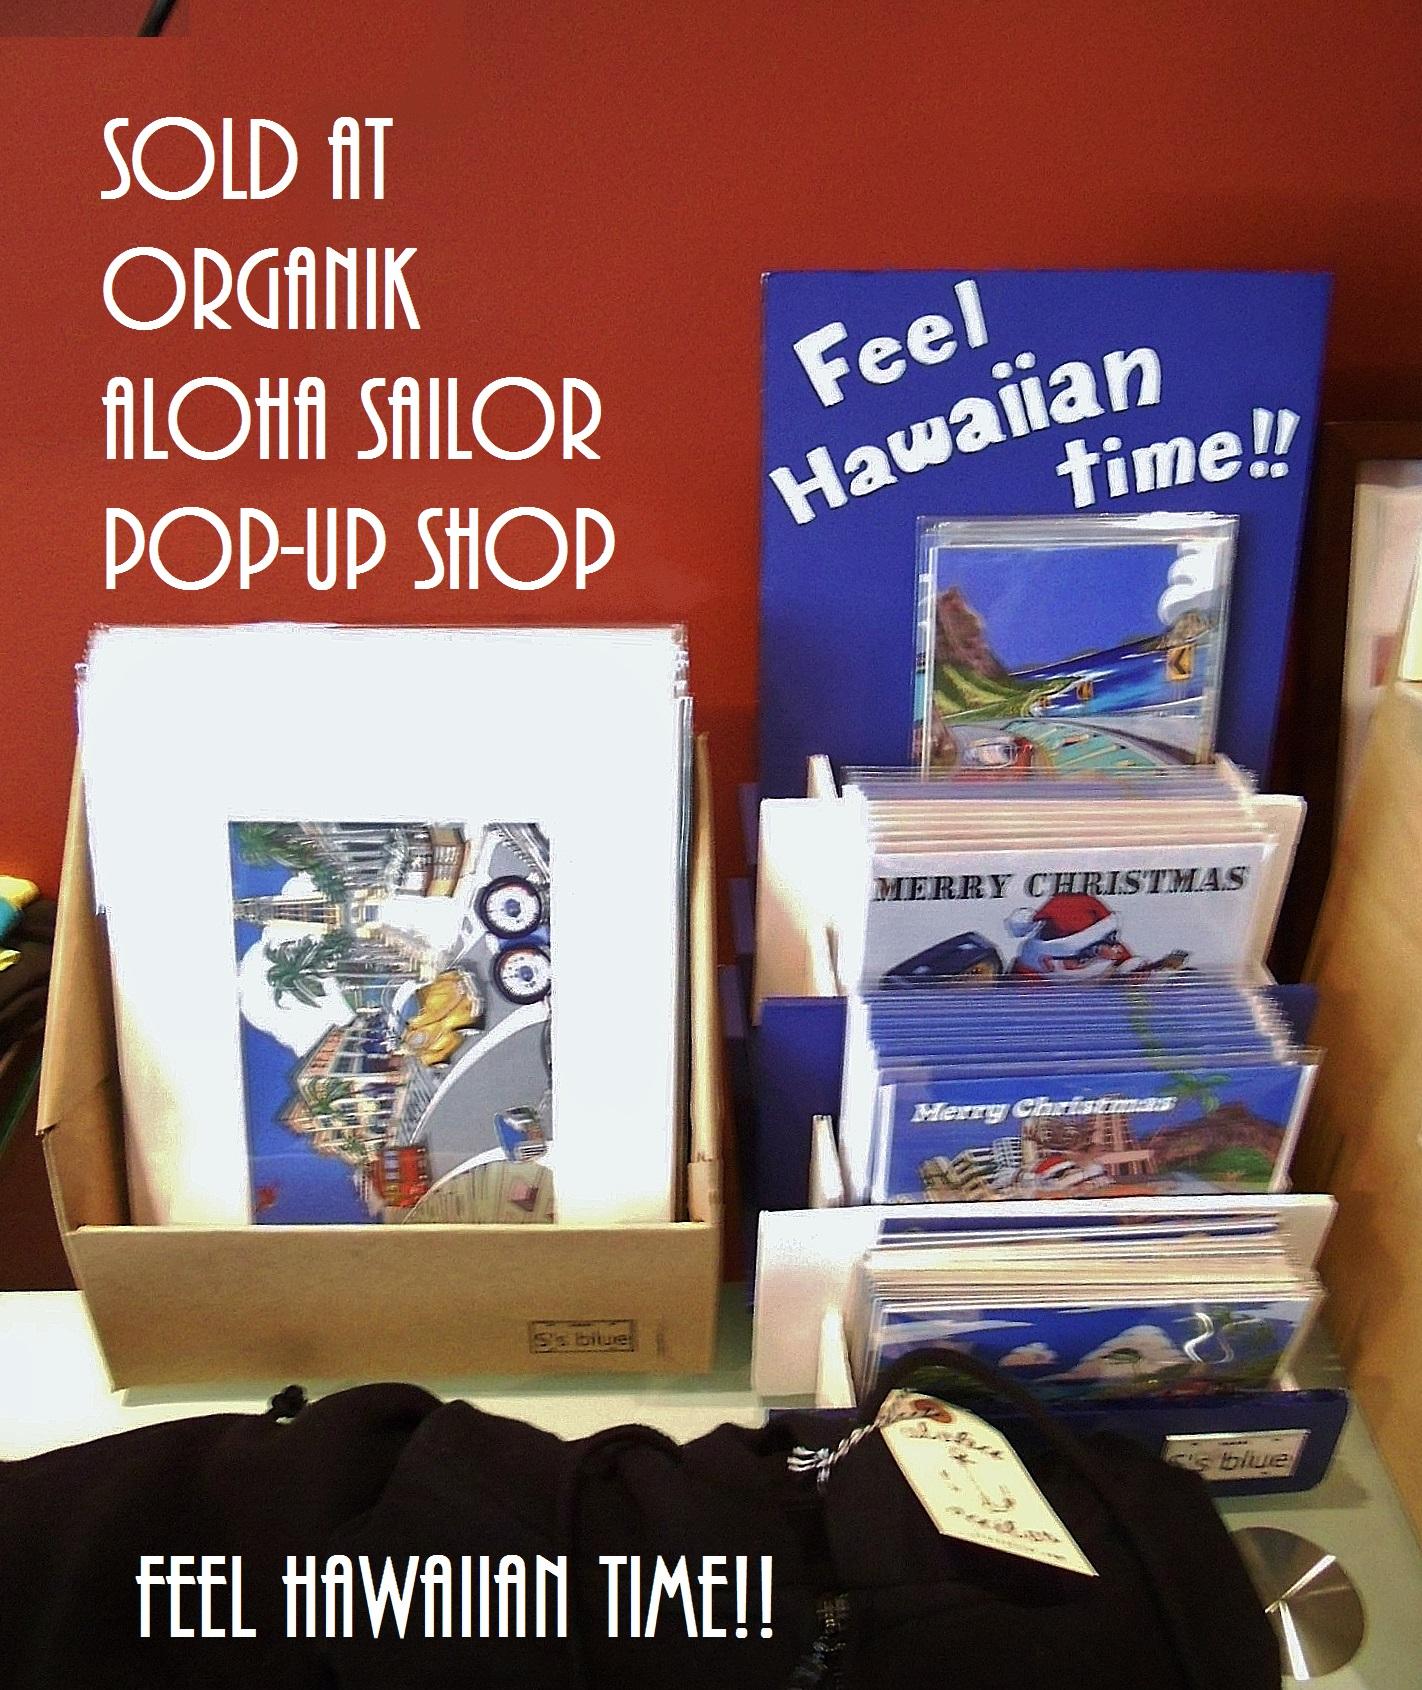 Organik/Aloha Sailor pop-up shop